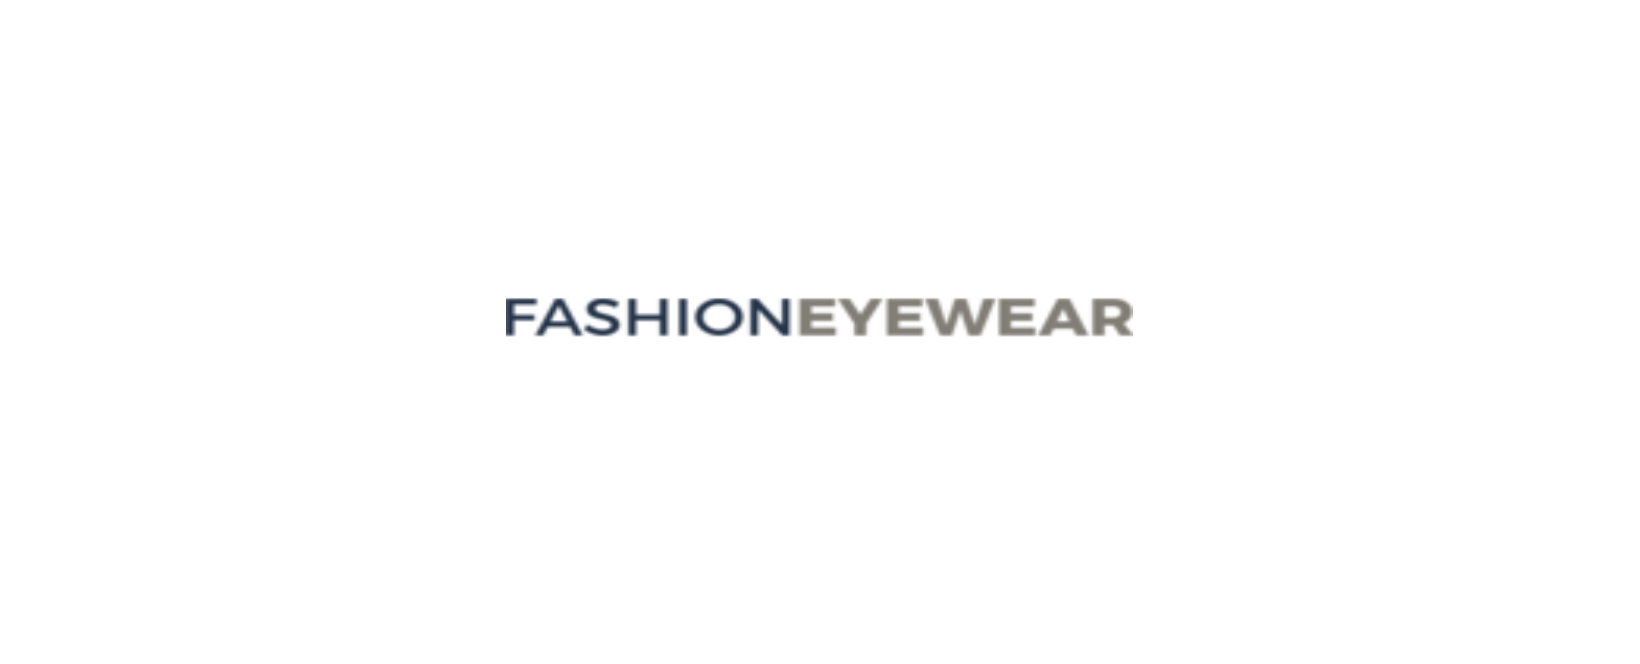 Fashion Eyewear UK Discount Code 2021